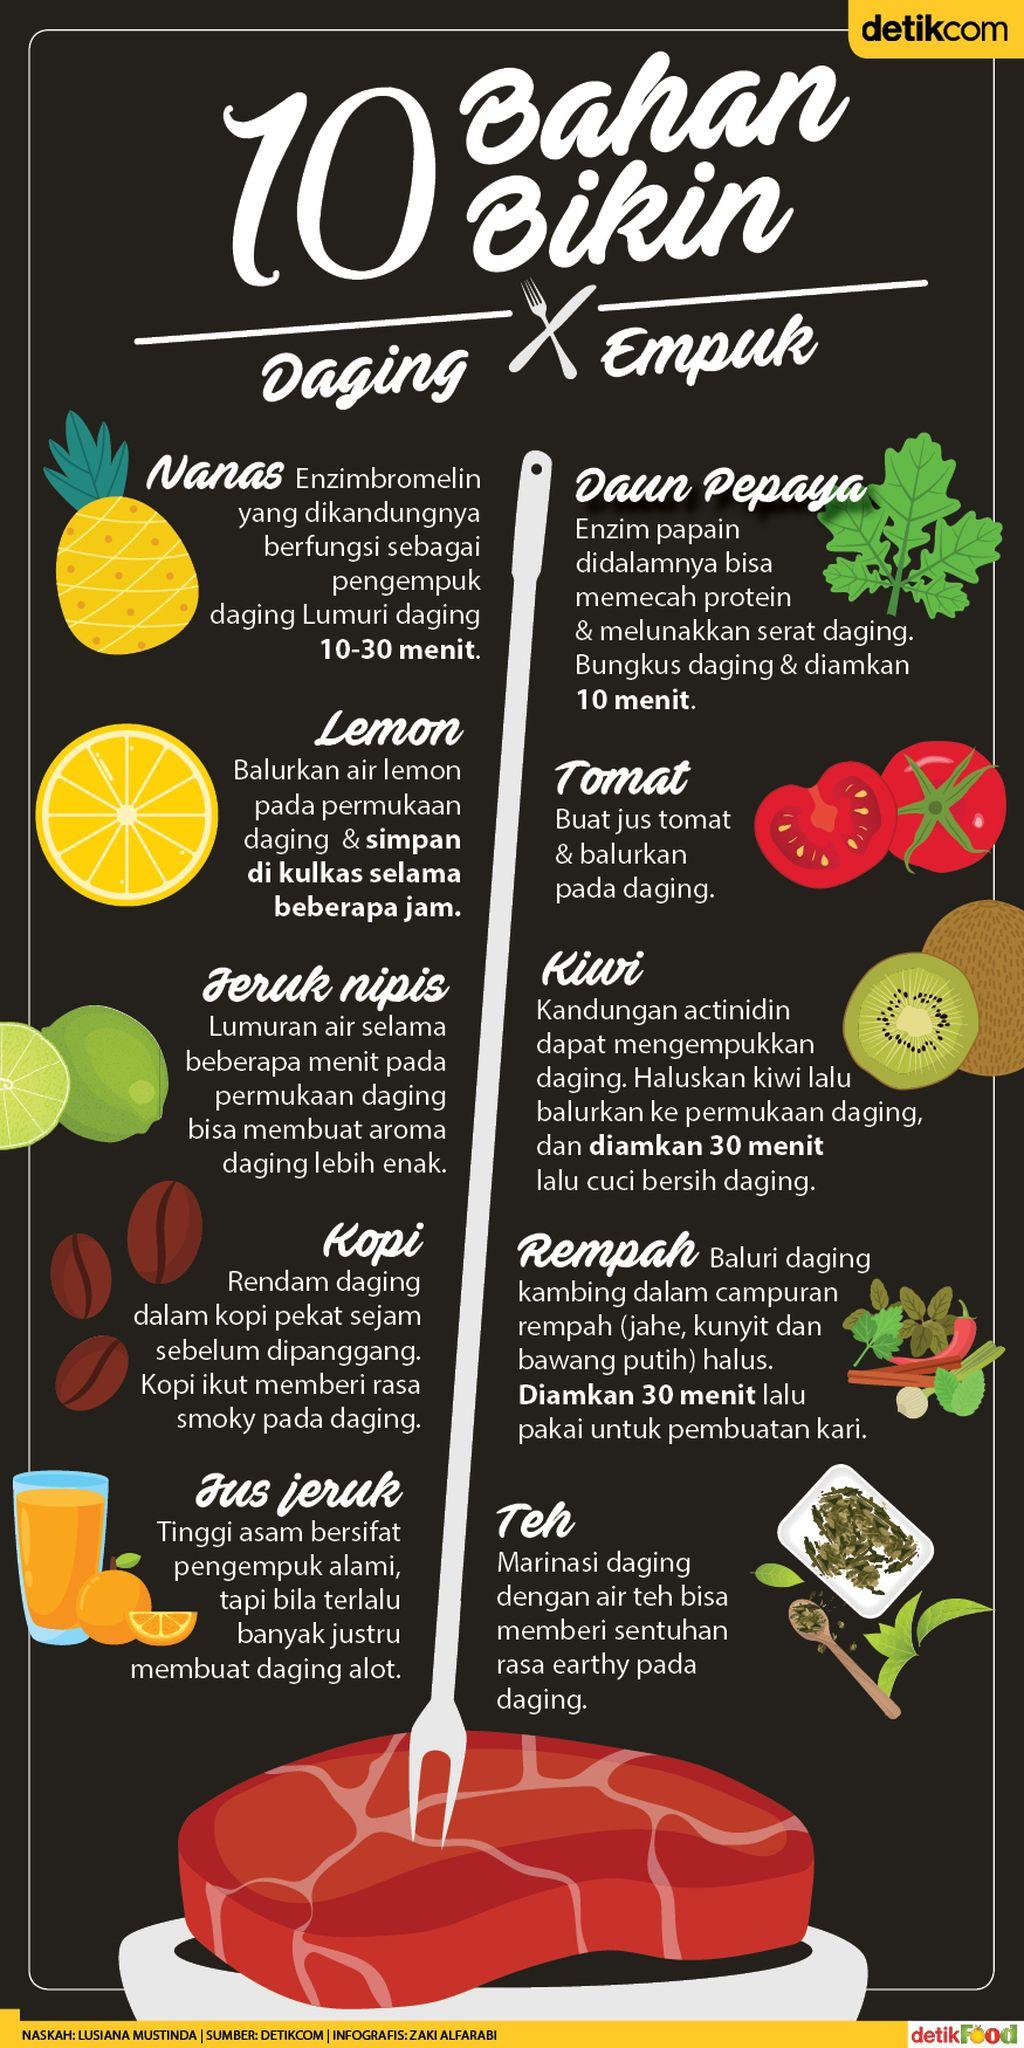 Ini Dia 10 Bahan Alami yang Bisa Bikin Daging Kambing Empuk dan Tak Bau